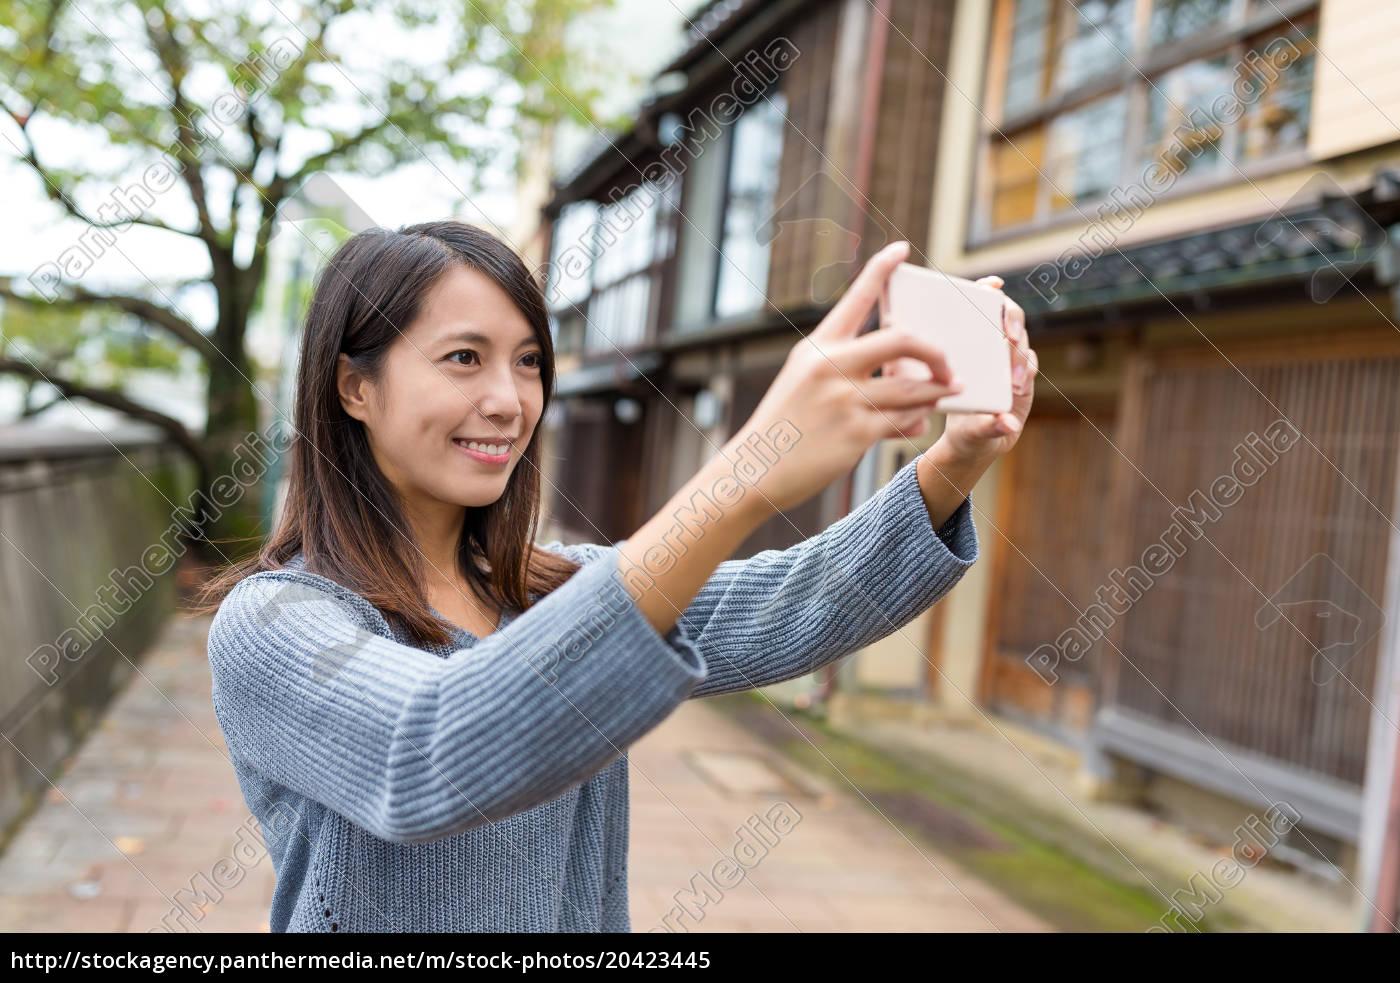 frau, die, foto, durch, handy, nimmt - 20423445